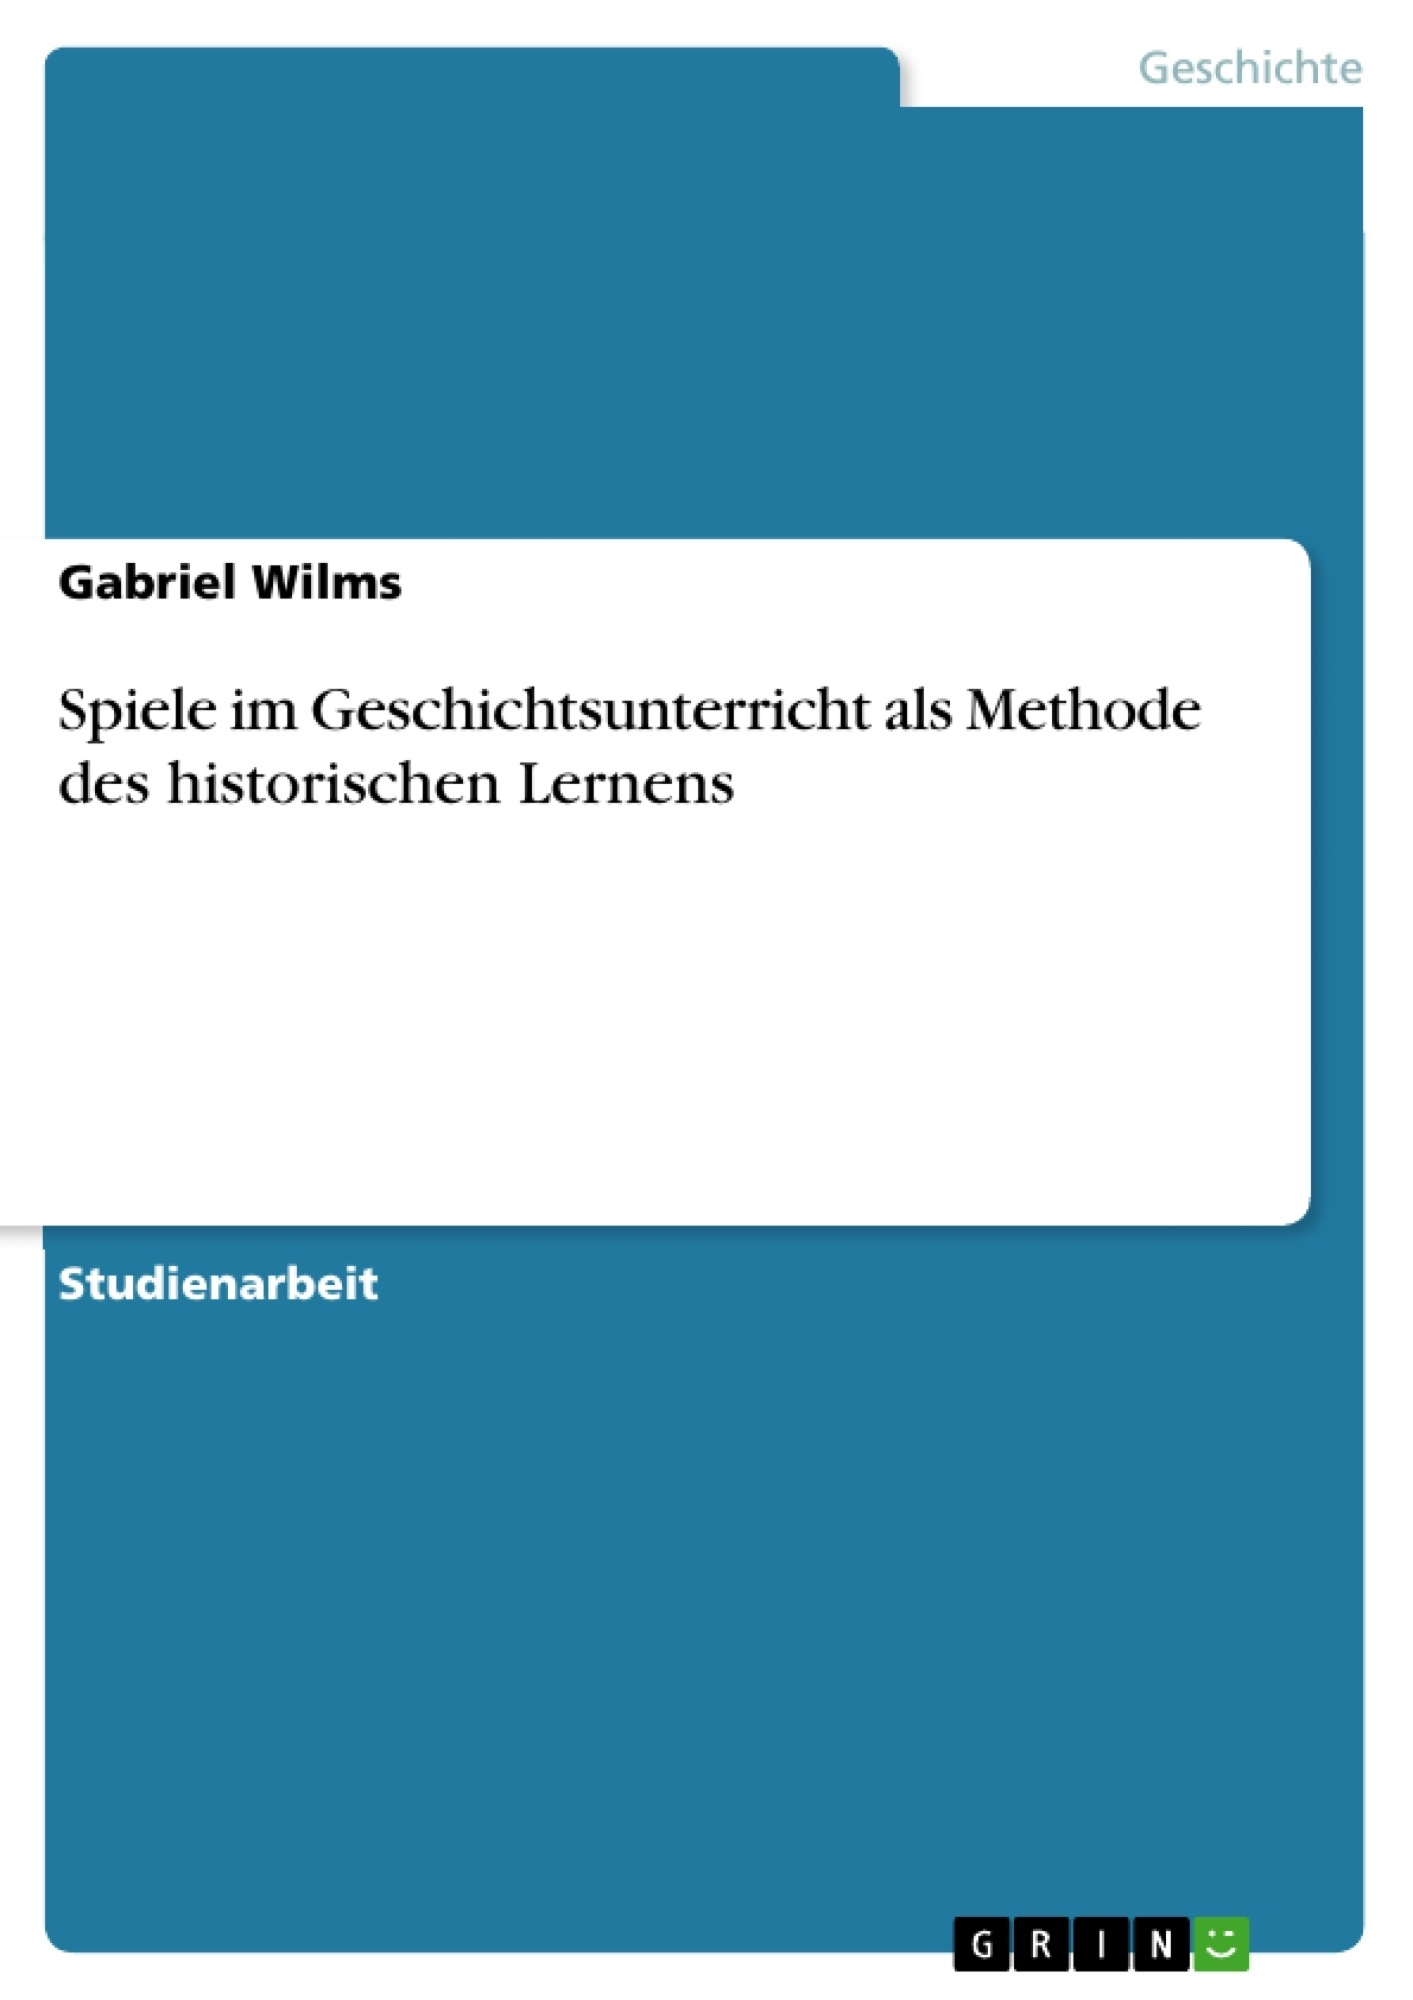 Titel: Spiele im Geschichtsunterricht als Methode des historischen Lernens